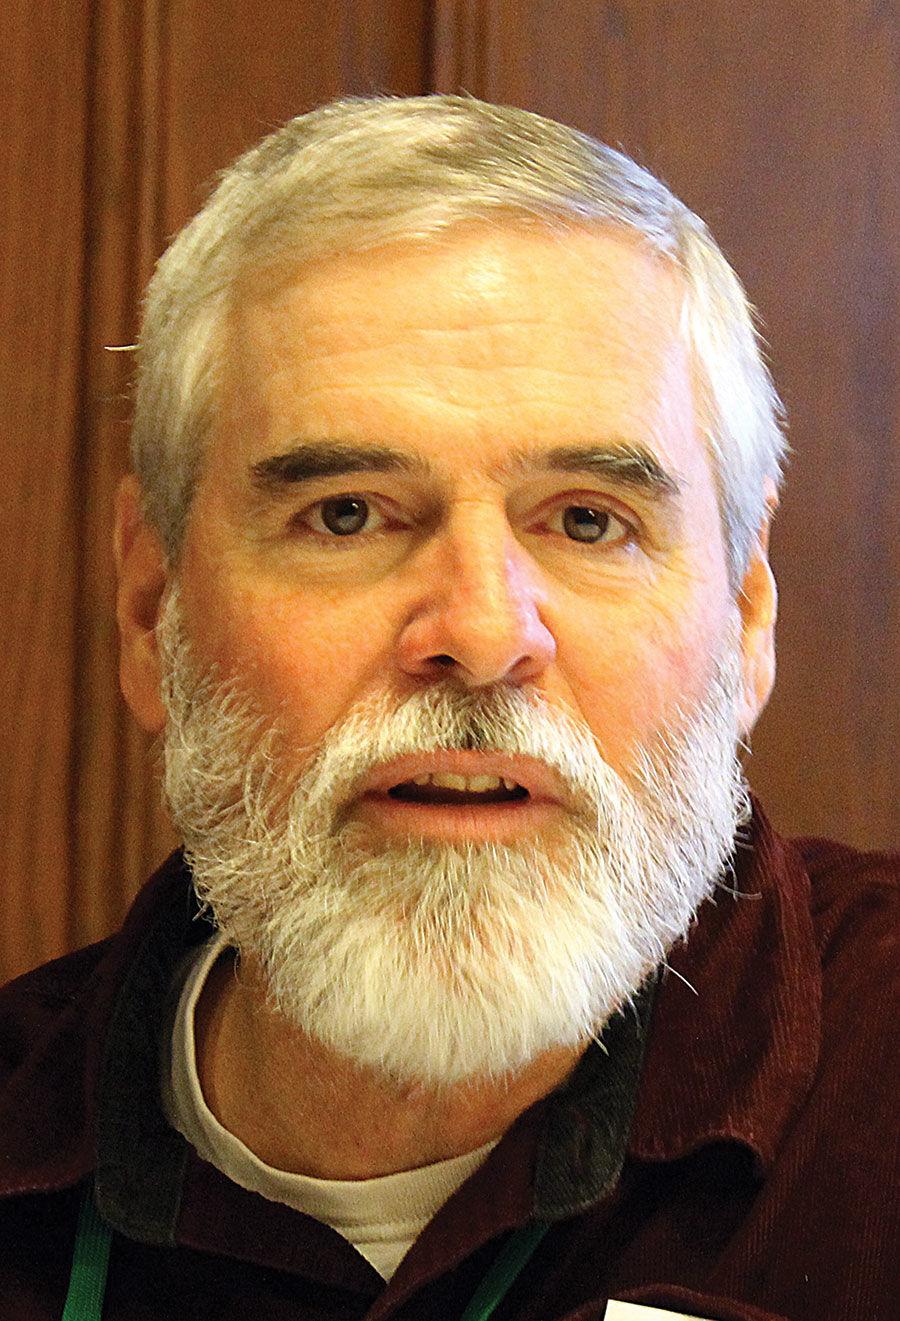 Carl Stafford